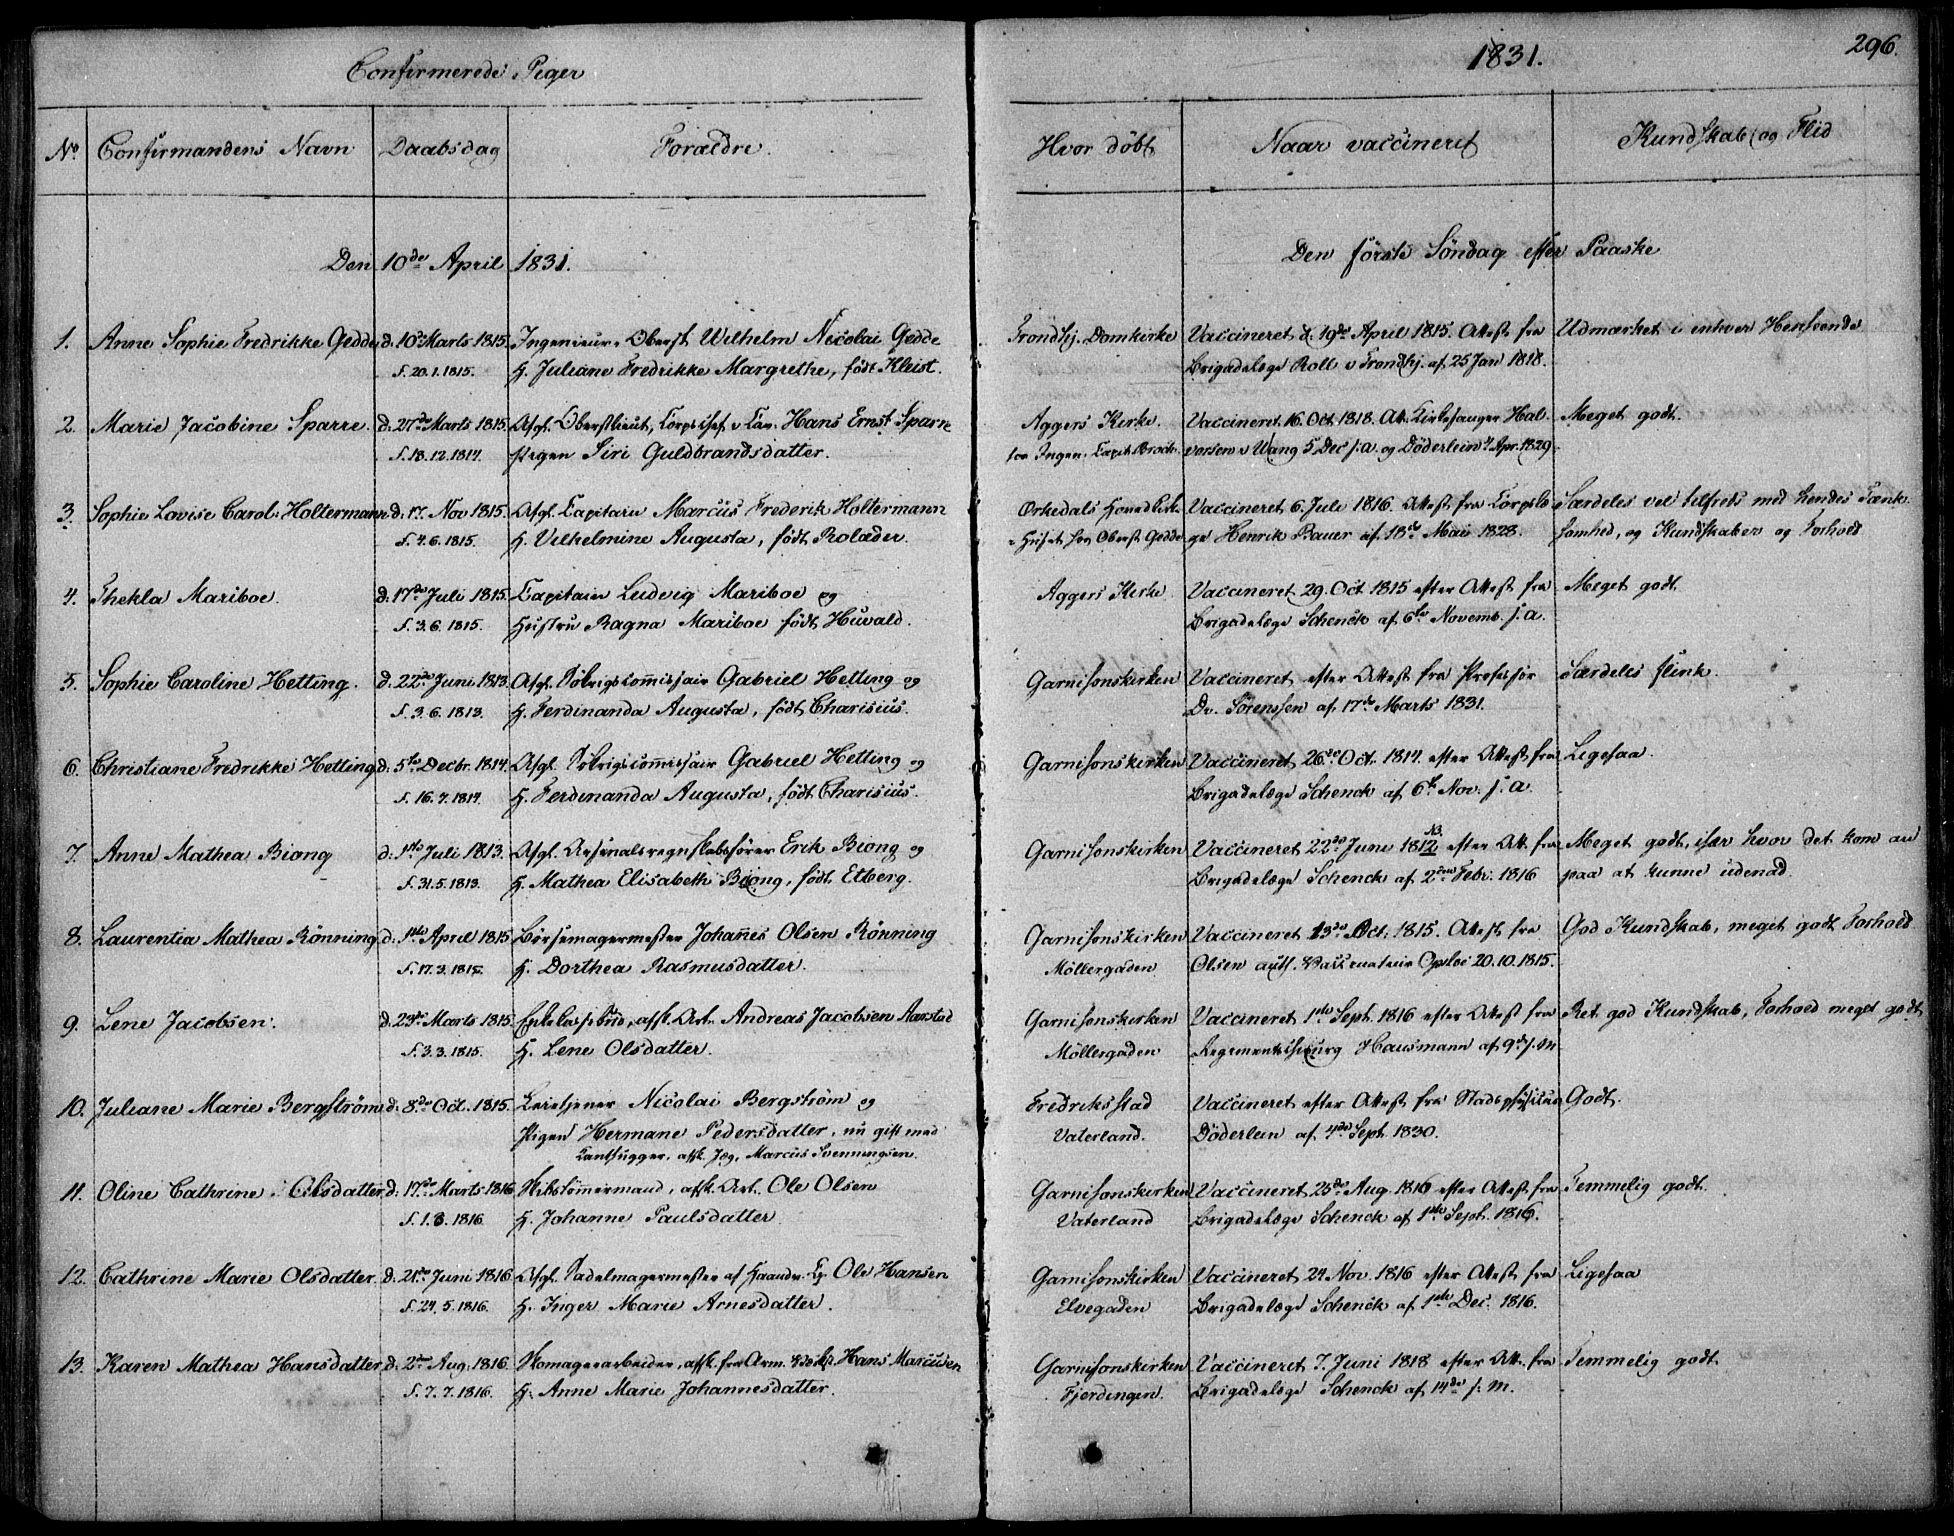 SAO, Garnisonsmenigheten Kirkebøker, F/Fa/L0006: Ministerialbok nr. 6, 1828-1841, s. 296